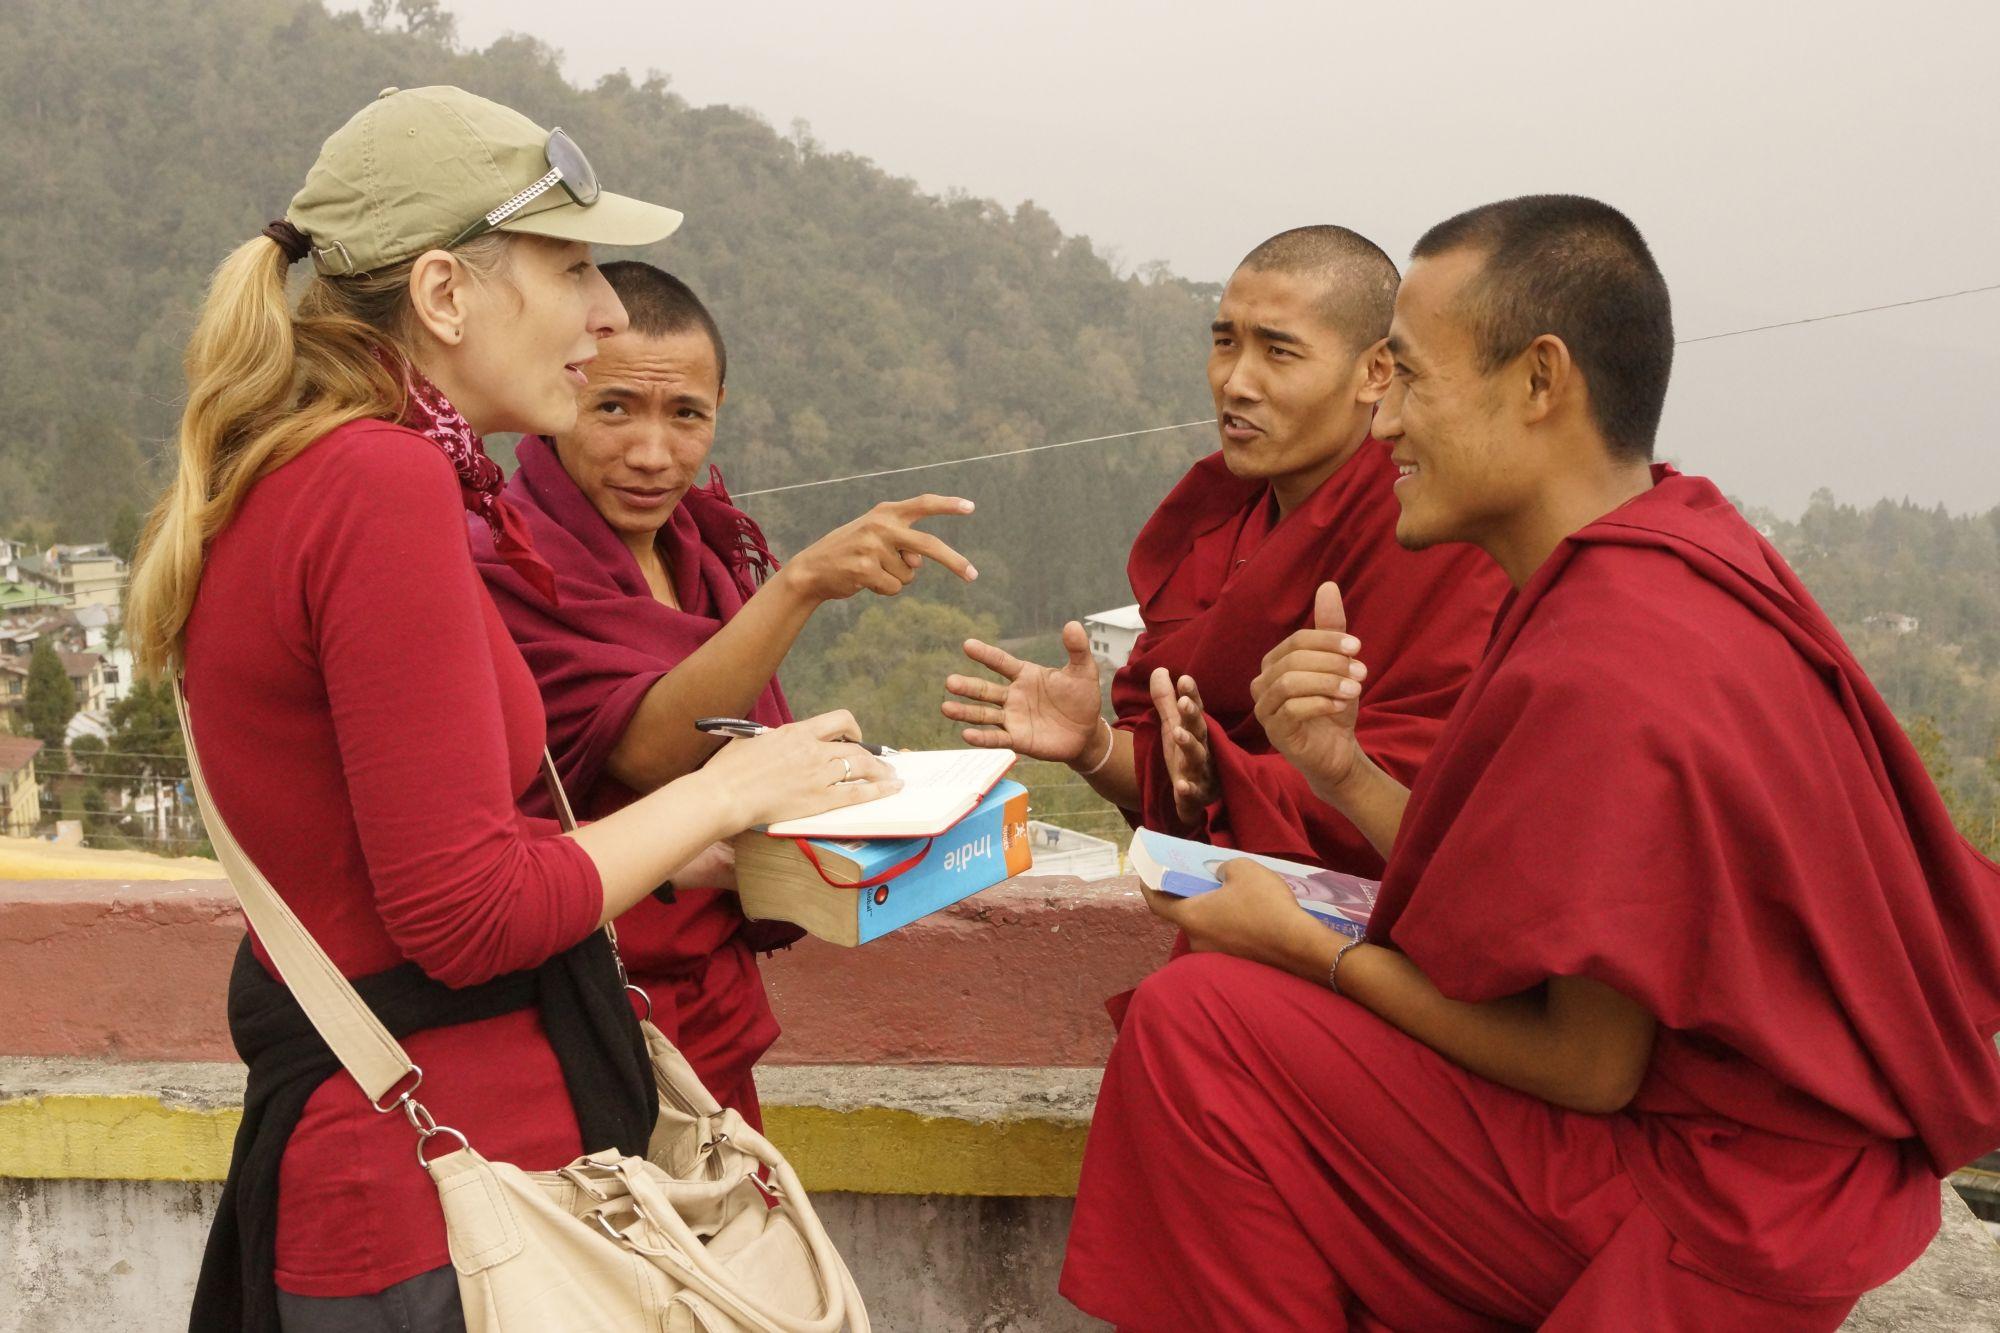 W rozmowie z sympatycznymi mnichami